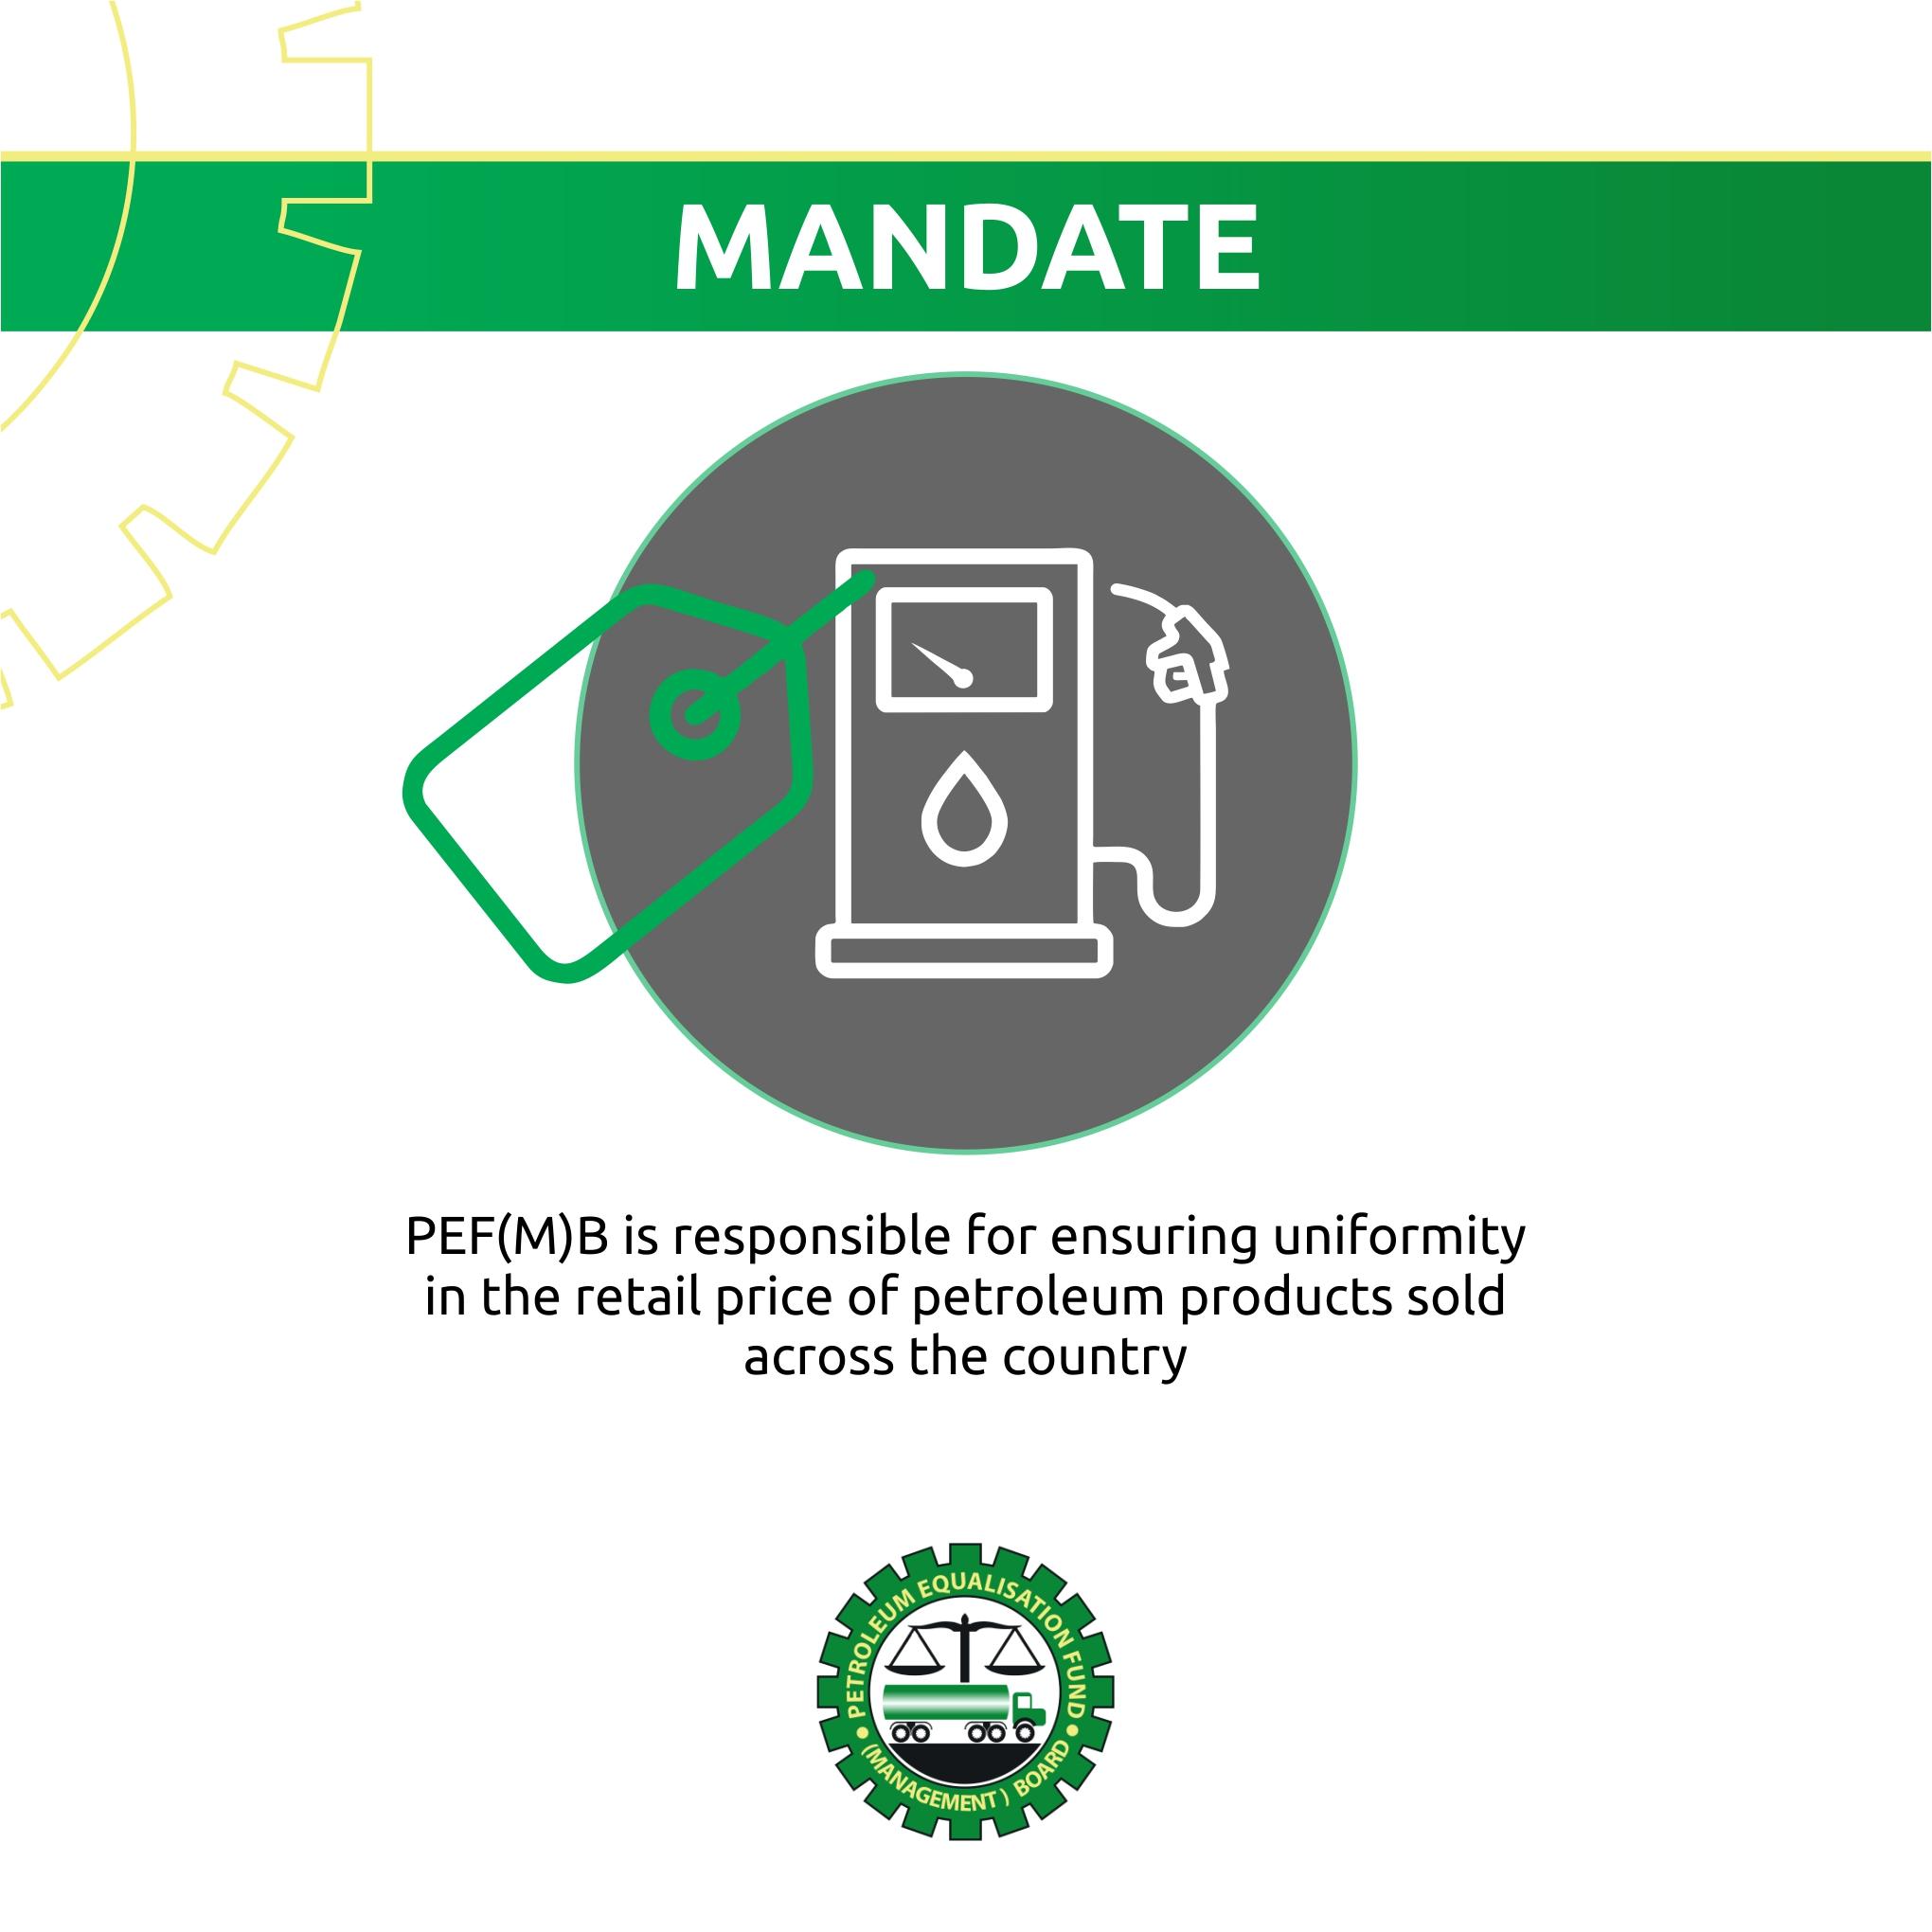 PEF(M)B_mandate